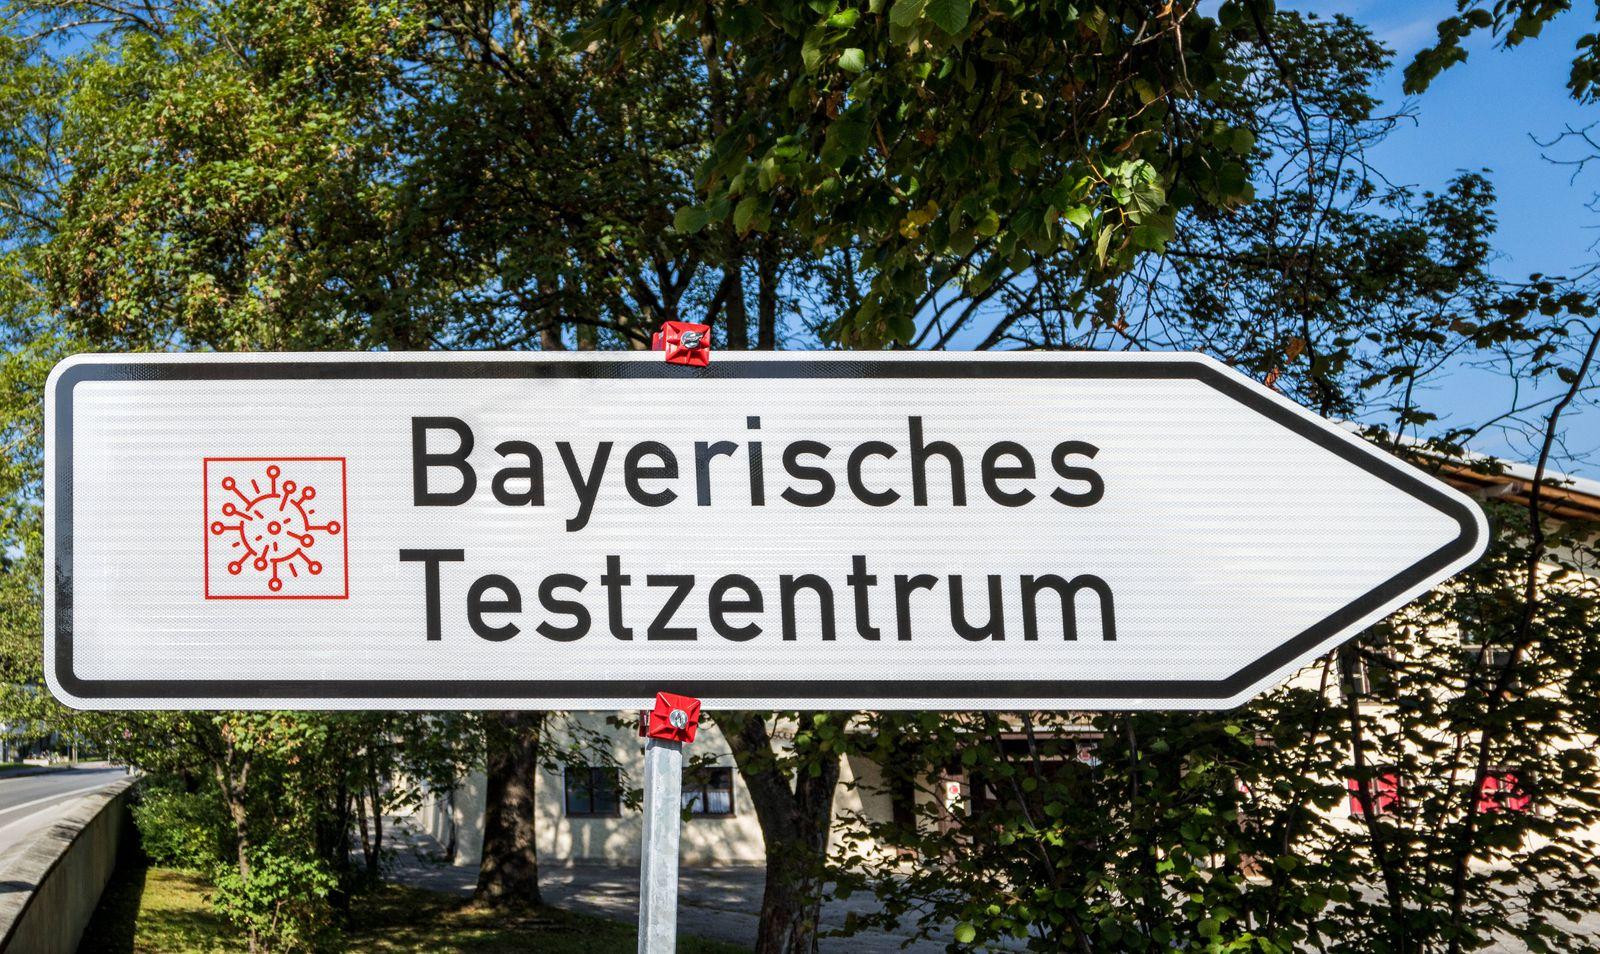 Wegweiser zum Bayerischen Corona Testzentrum in Weilheim Obb., Bayern, Deutschland, Europa Wegweiser Bayerisches Testzen